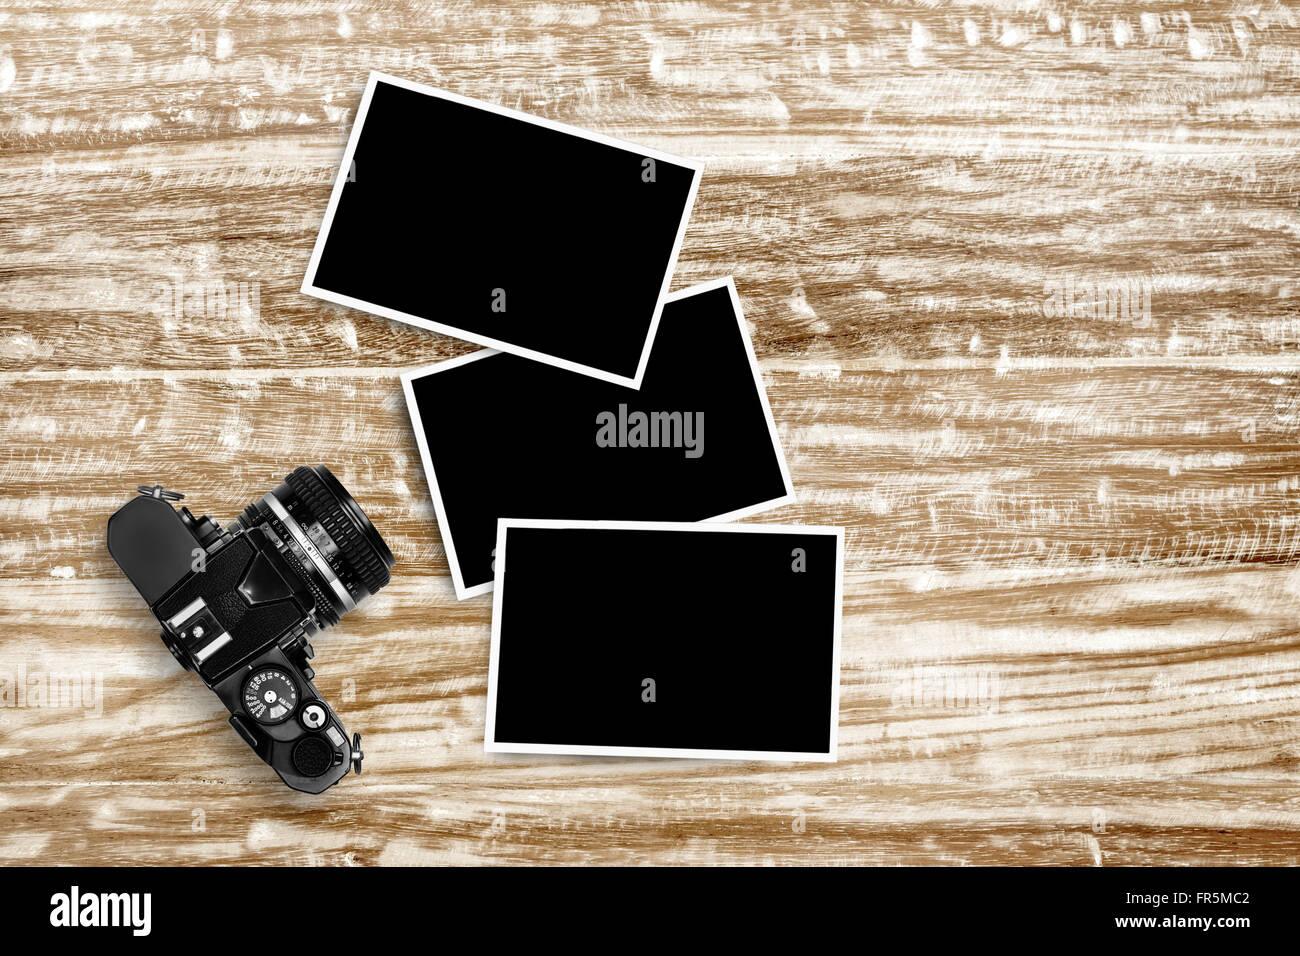 Vintage SLR film camera on grunge wooden table - Stock Image